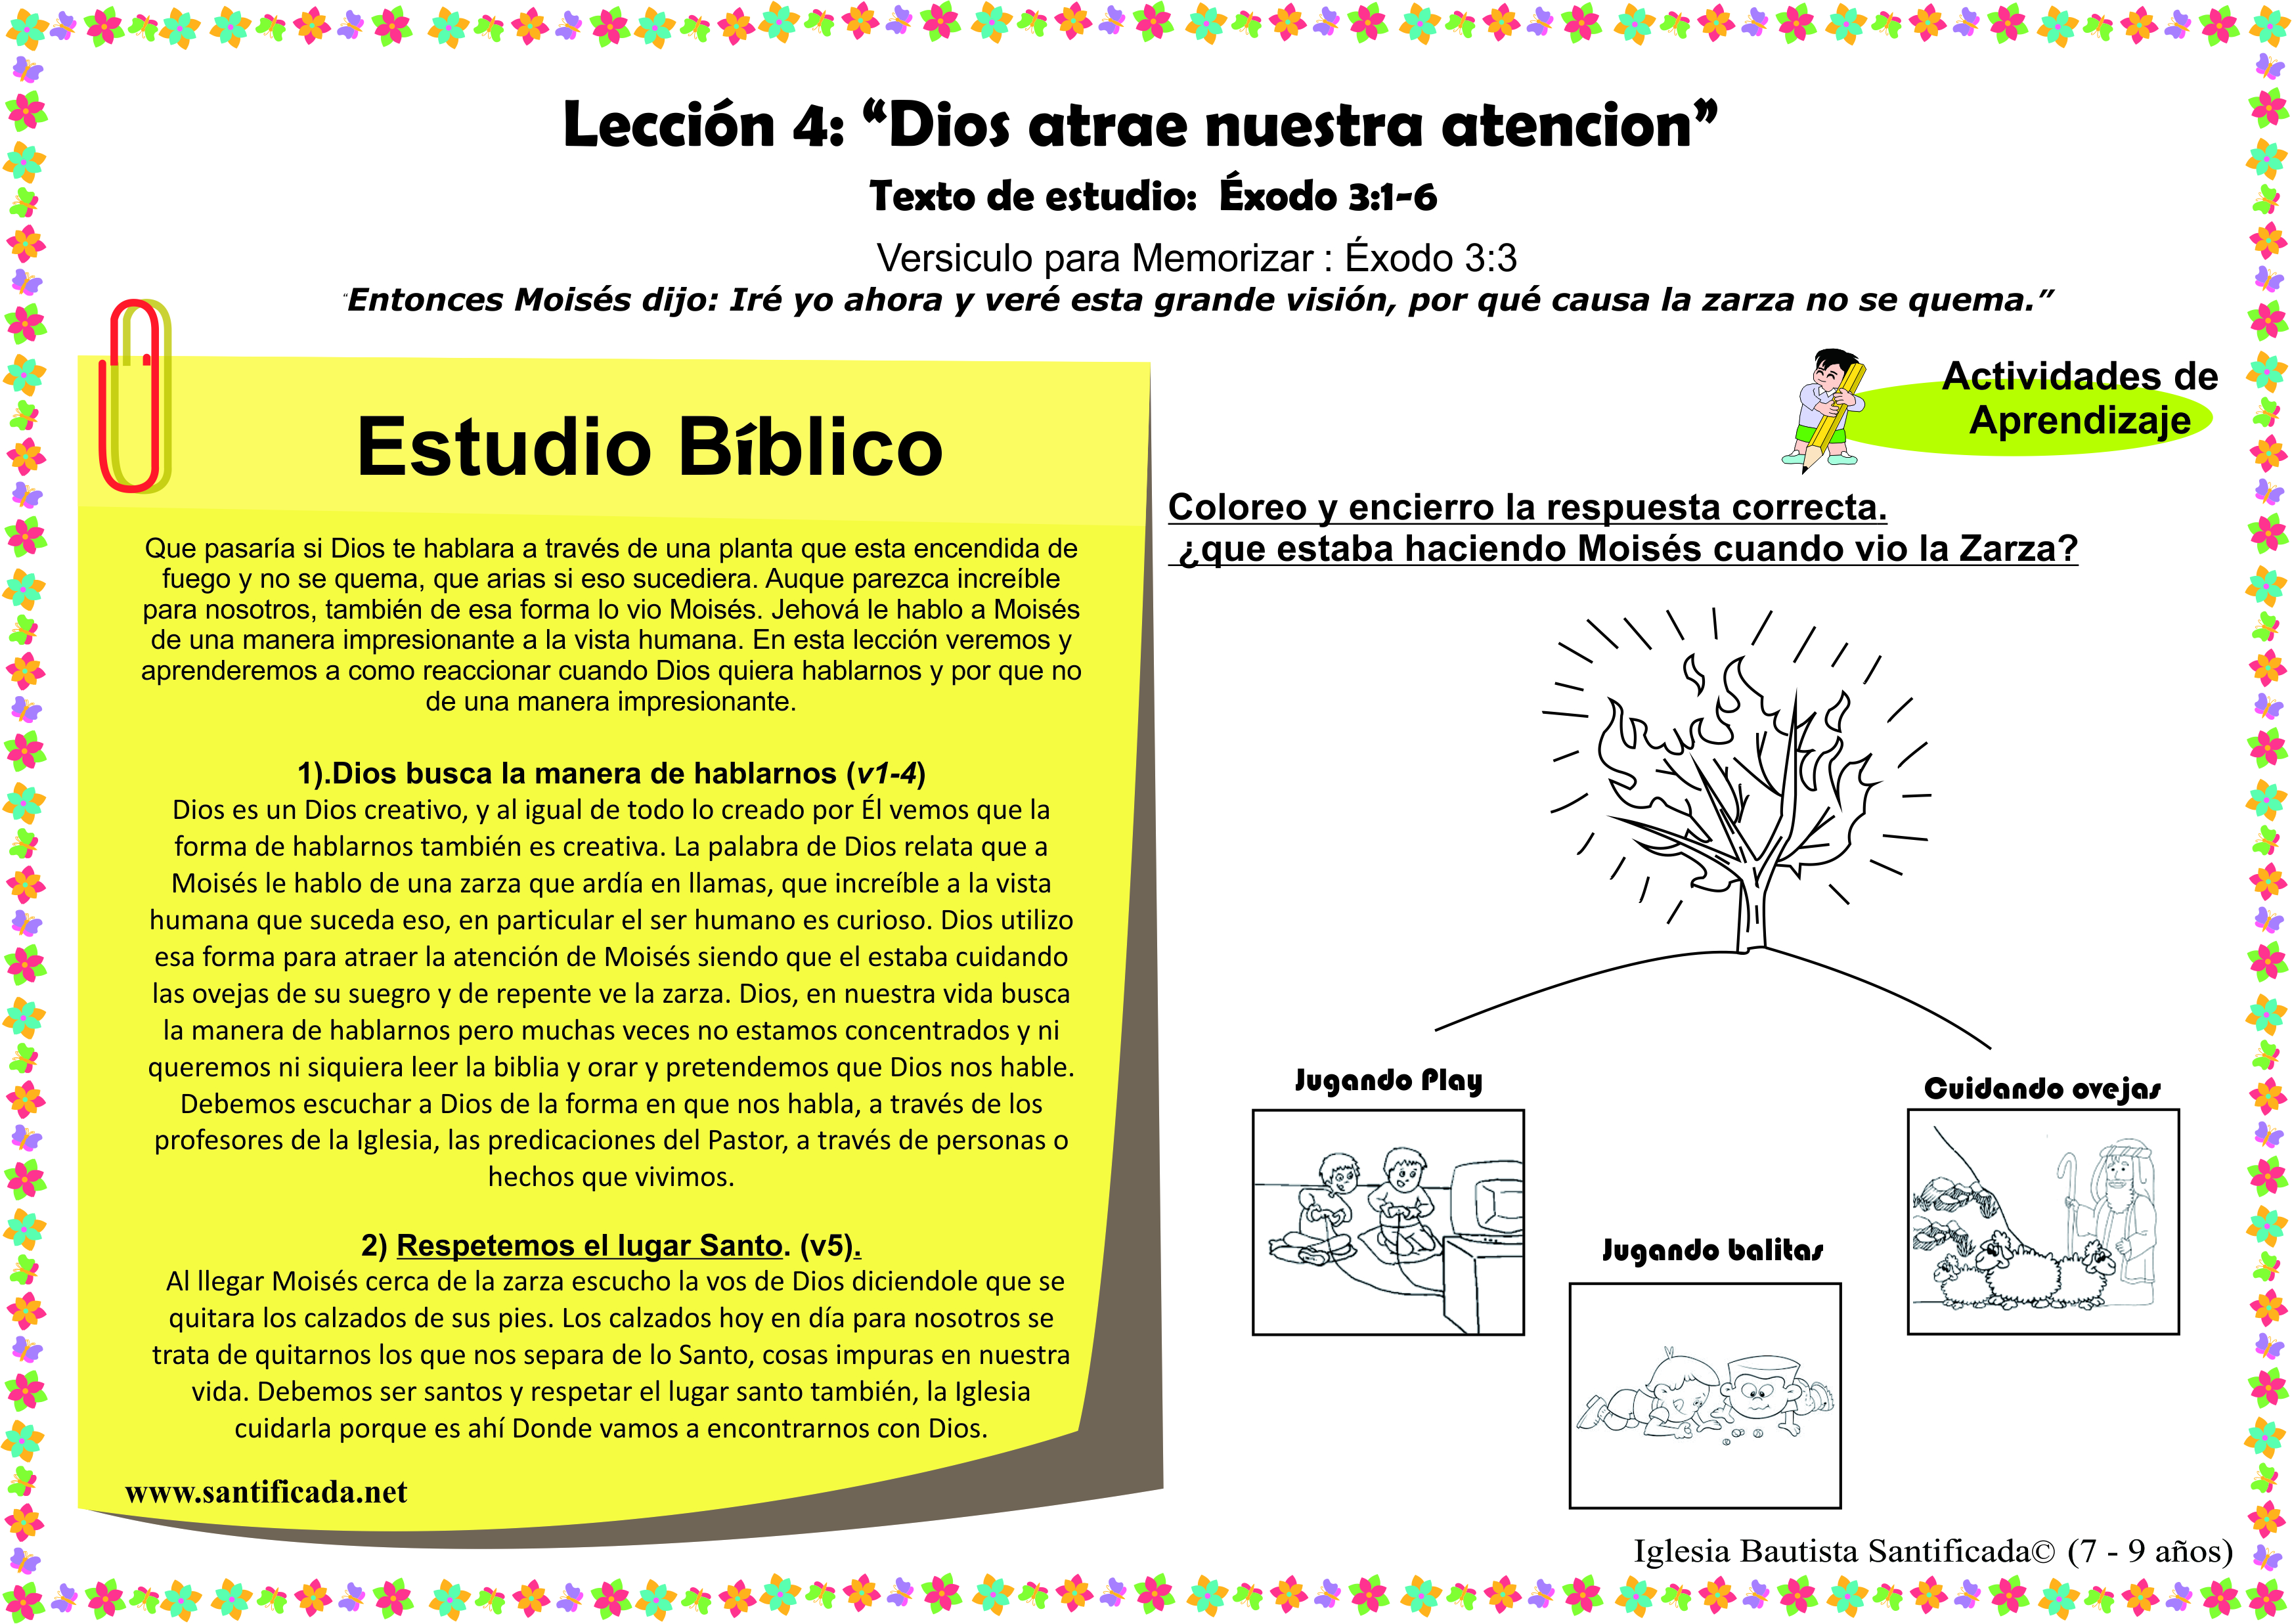 Lecci n 4 dios atrae nuestra atenci n iglesia de ni os for Lecciones de castorama de bricolaje